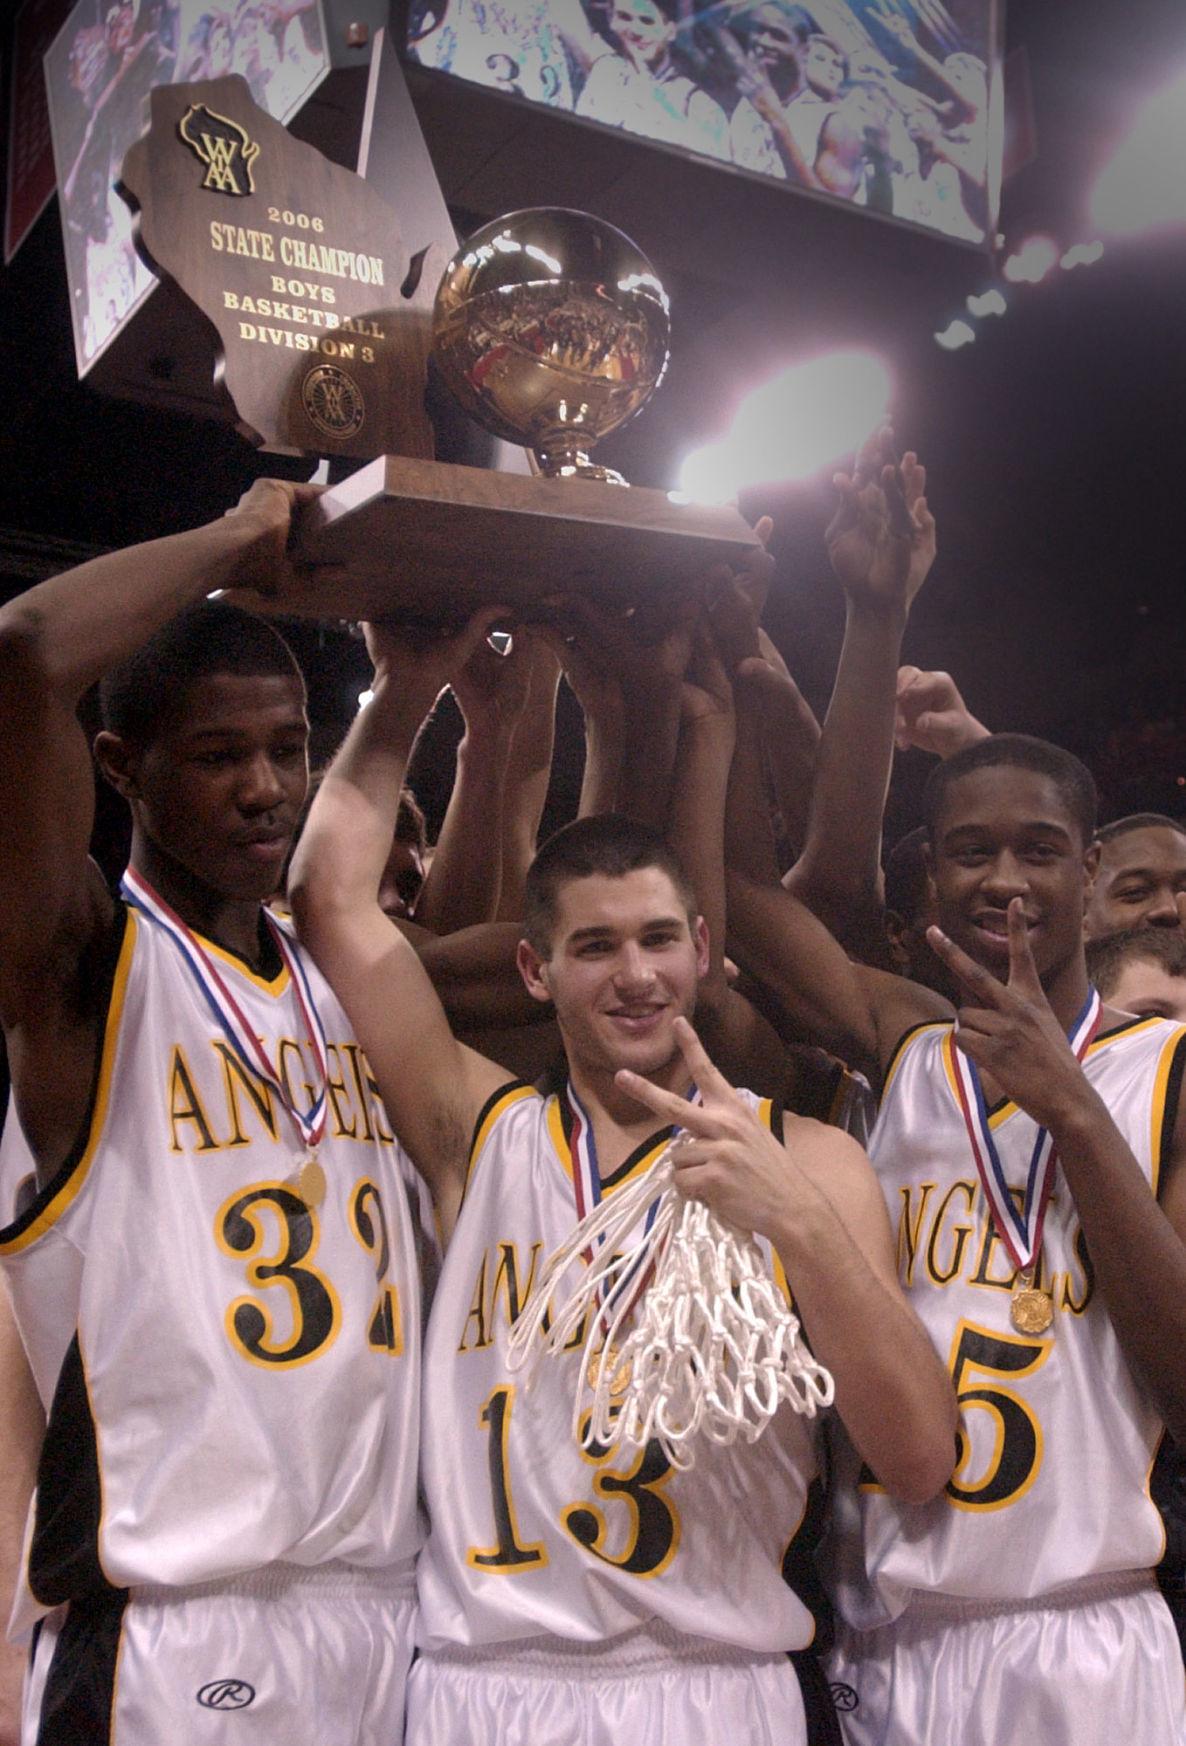 Jamie DeMatthew and teammates, 2006